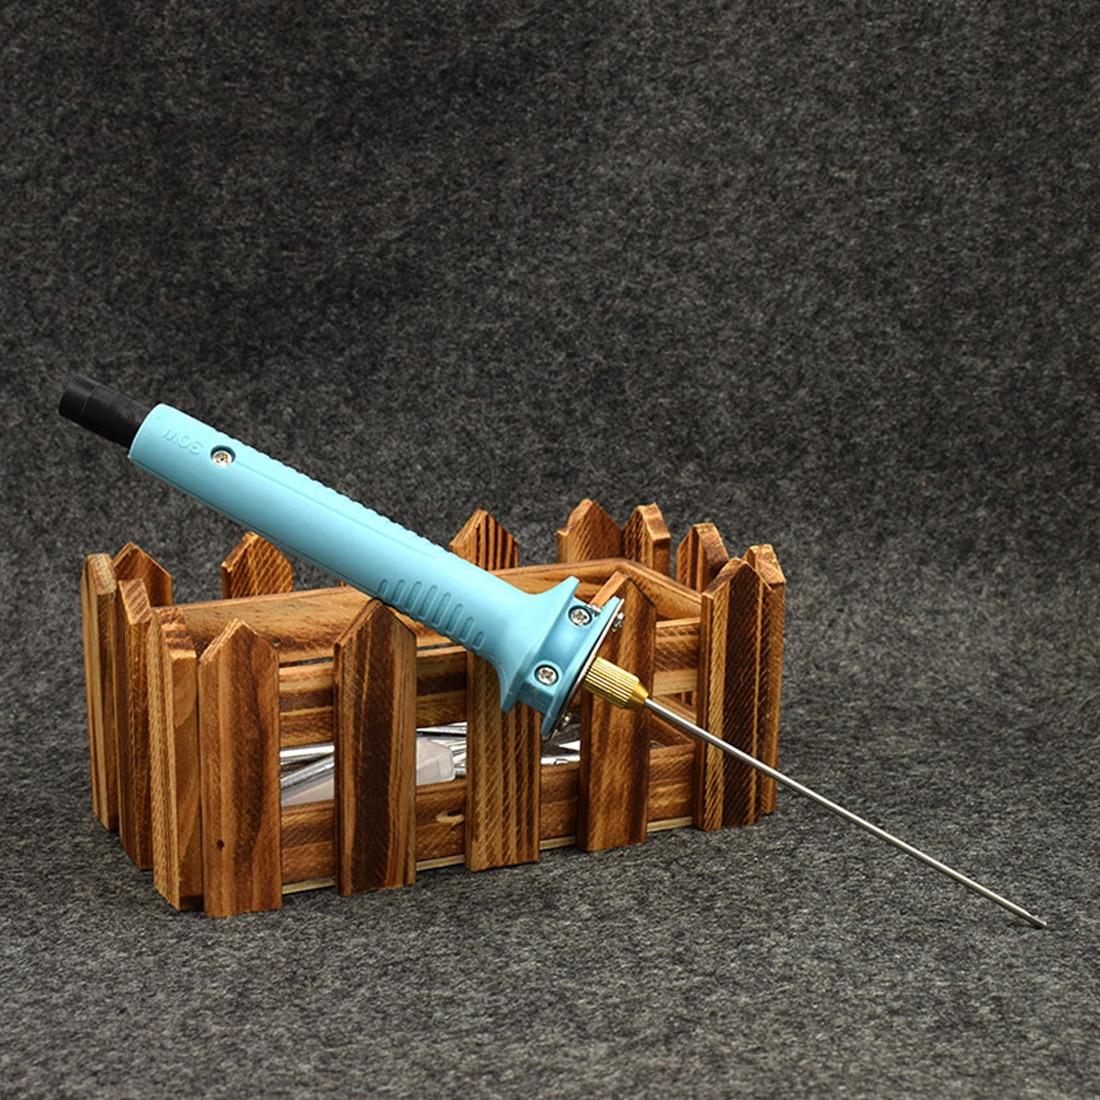 Schaum Cutter 15W 10CM edelstahl Elektrische Schaum Polystyrol Schneiden Maschine Stift Tragbare Styropor DIY Schneiden Werkzeuge Maschinen